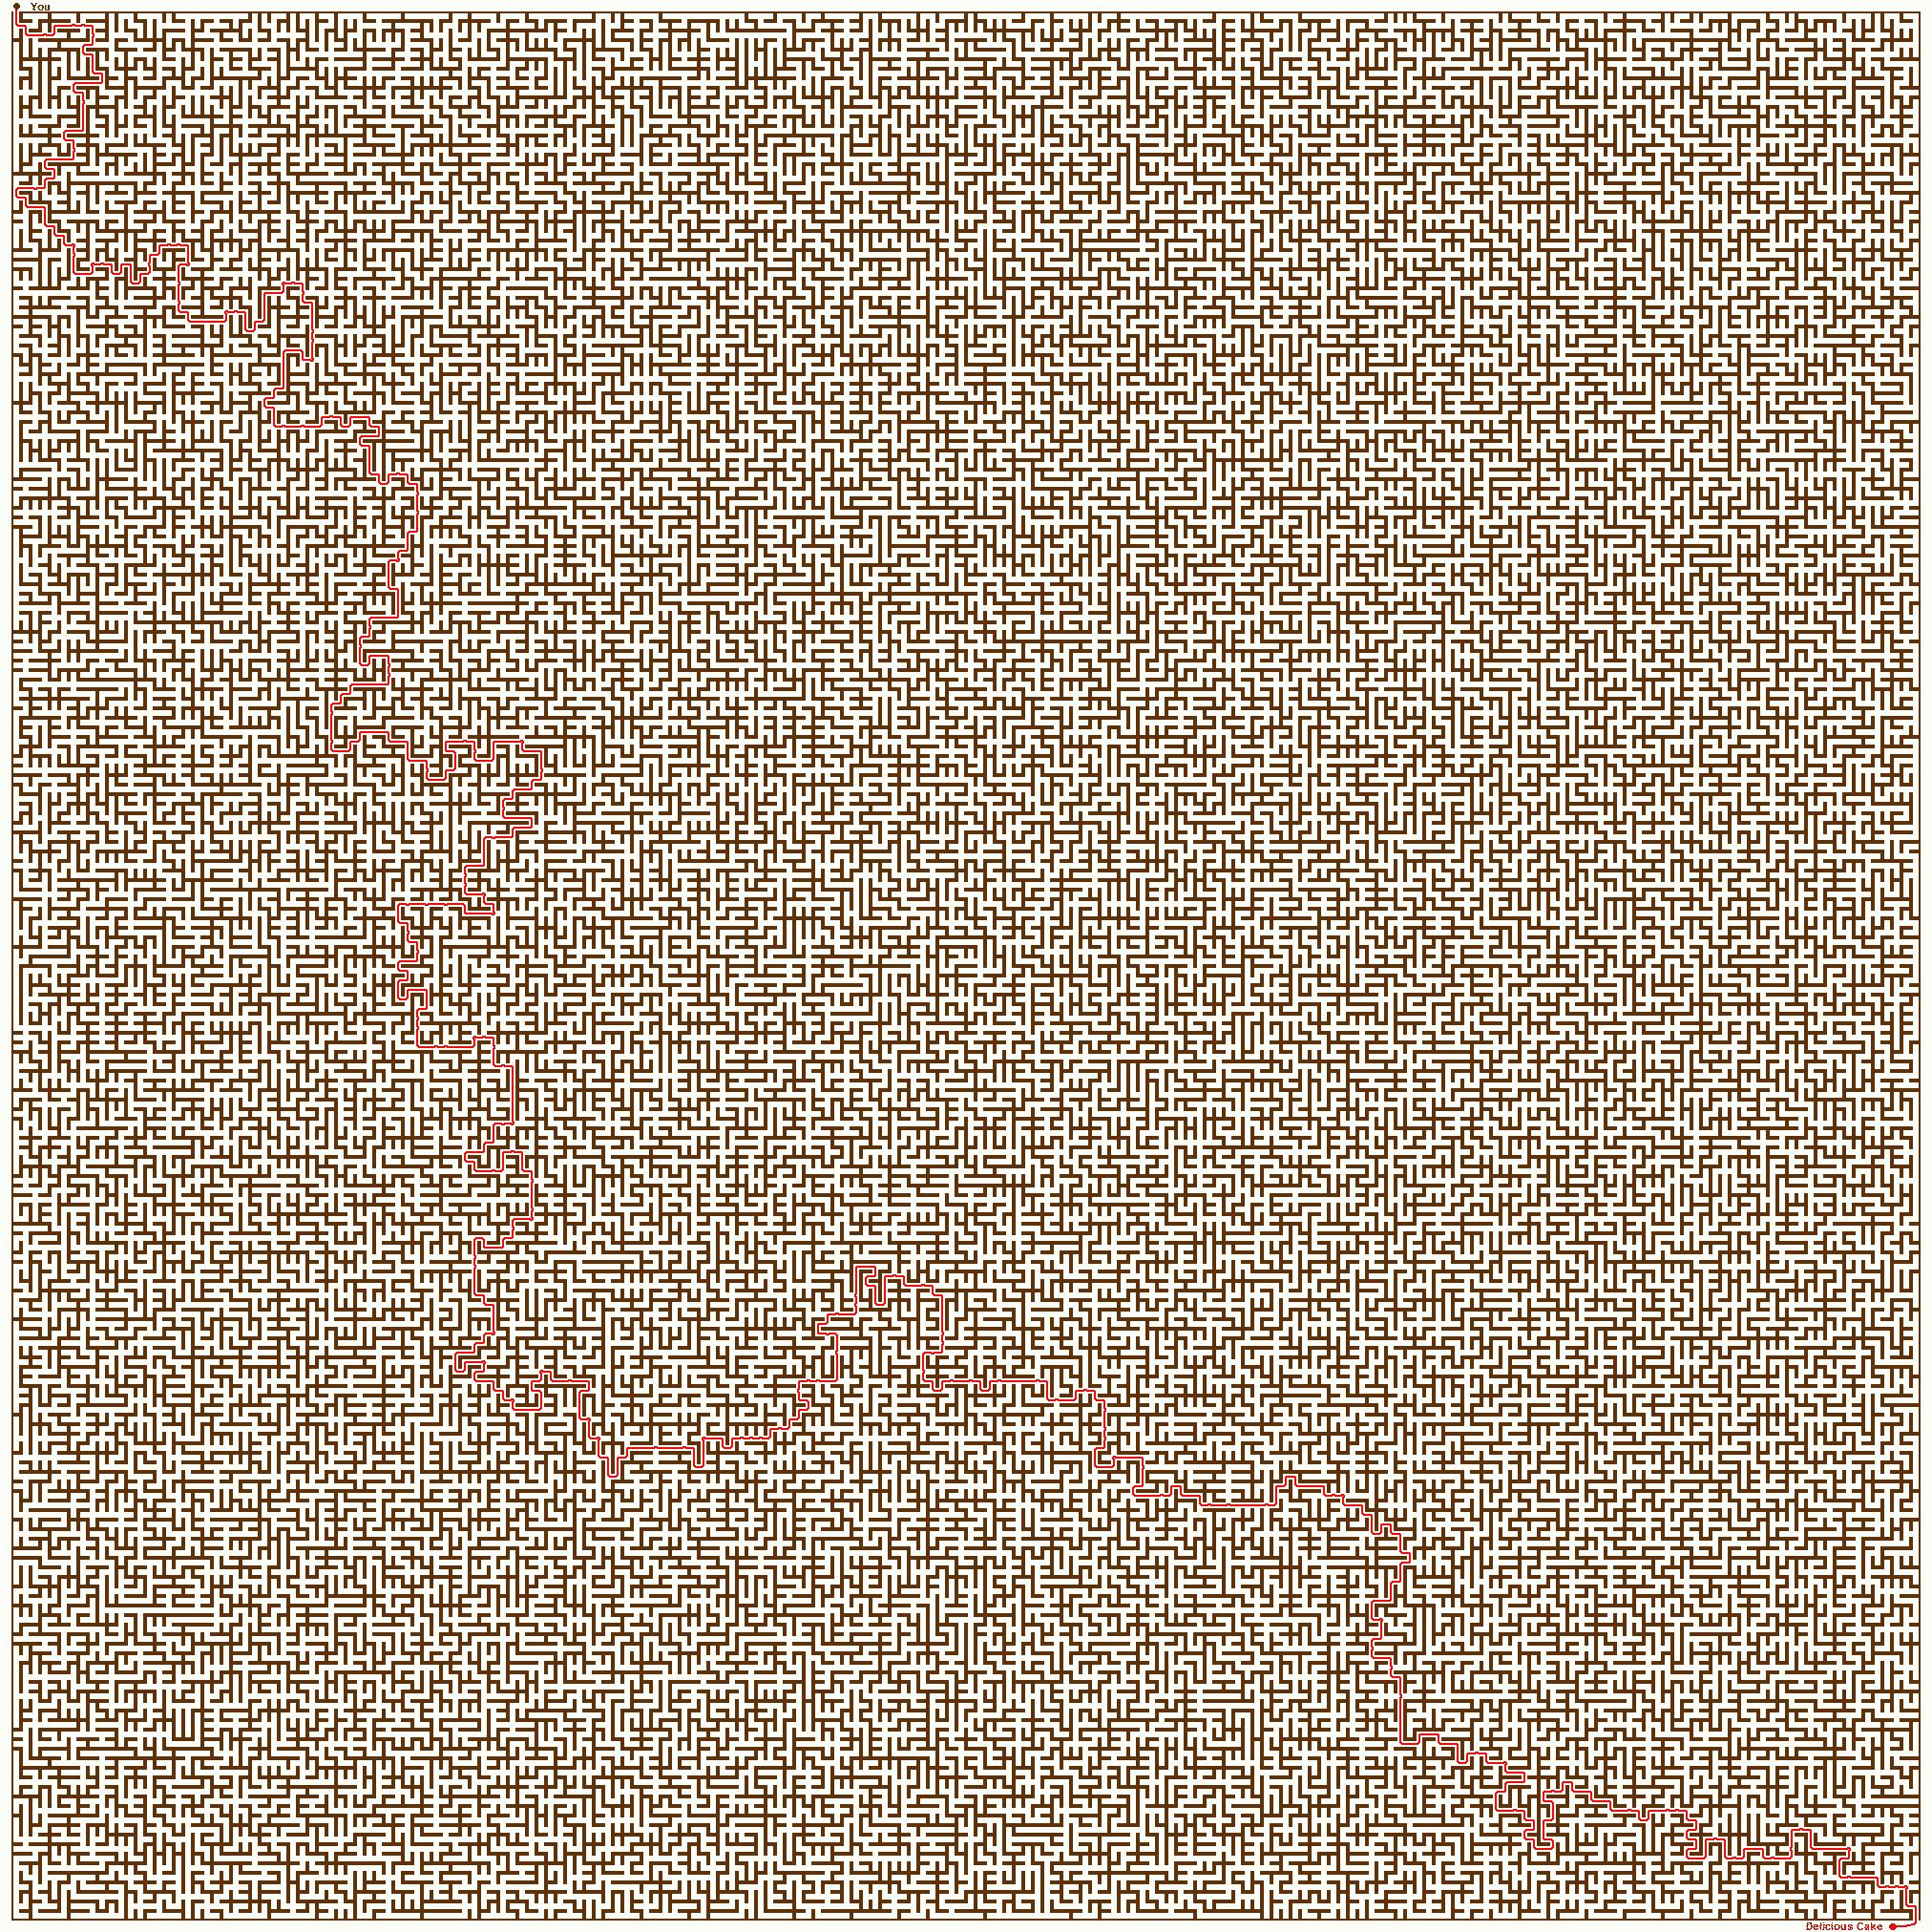 Résoudre Un Labyrinthe Avec Photoshop @ Prise2Tete destiné Labyrinthe Difficile